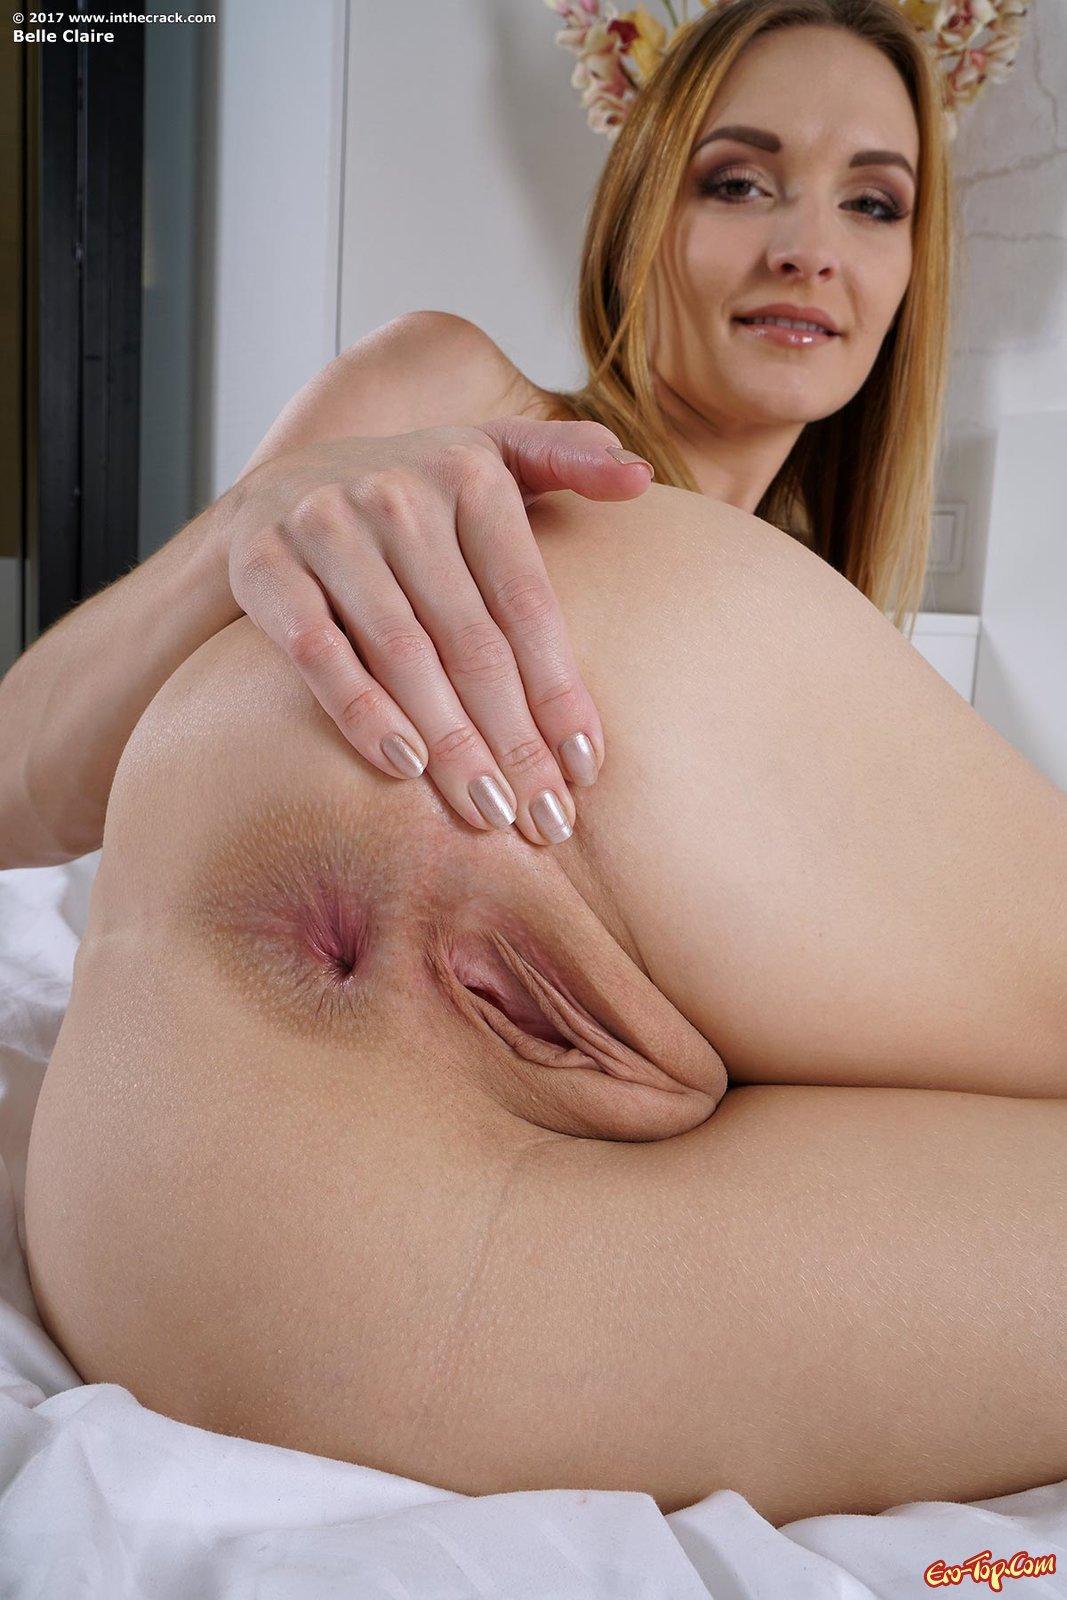 Женщина без стрингов разводит ягодицы на постели смотреть эротику